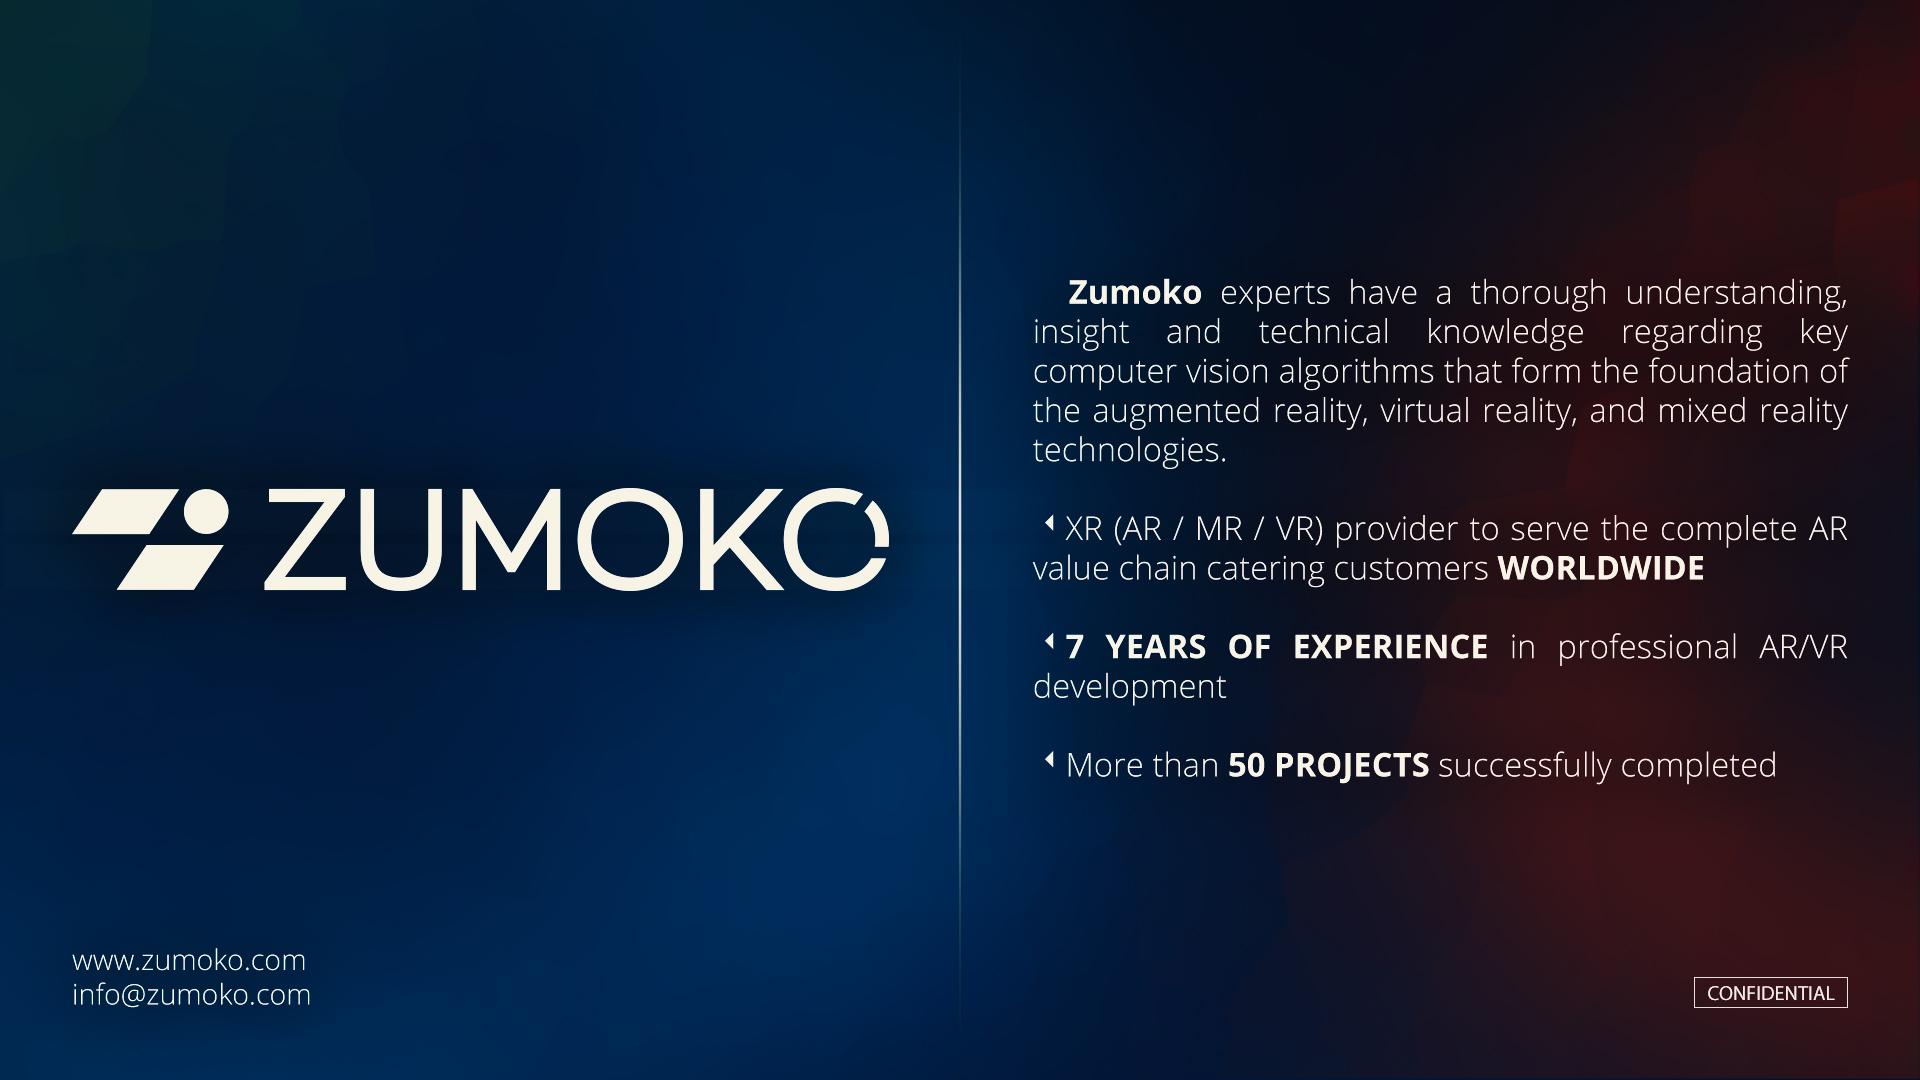 Zumoko AR / VR Expertise